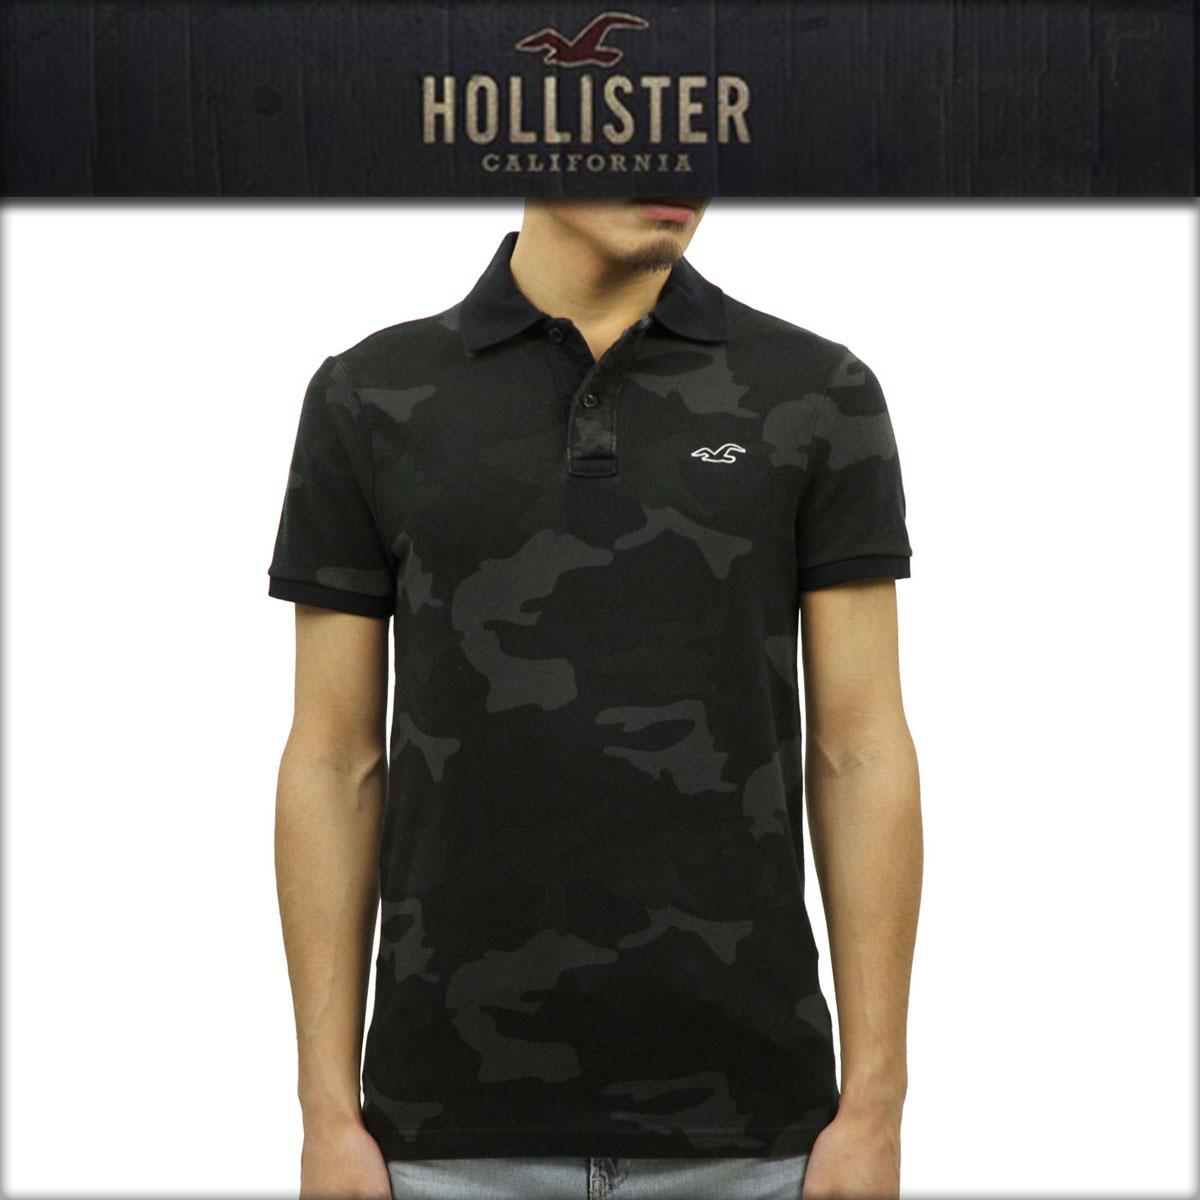 ホリスター HOLLISTER 正規品 メンズ 半袖ポロシャツ 父の日 Stretch Pique Camo Polo Epic Flex 321-364-0659-980